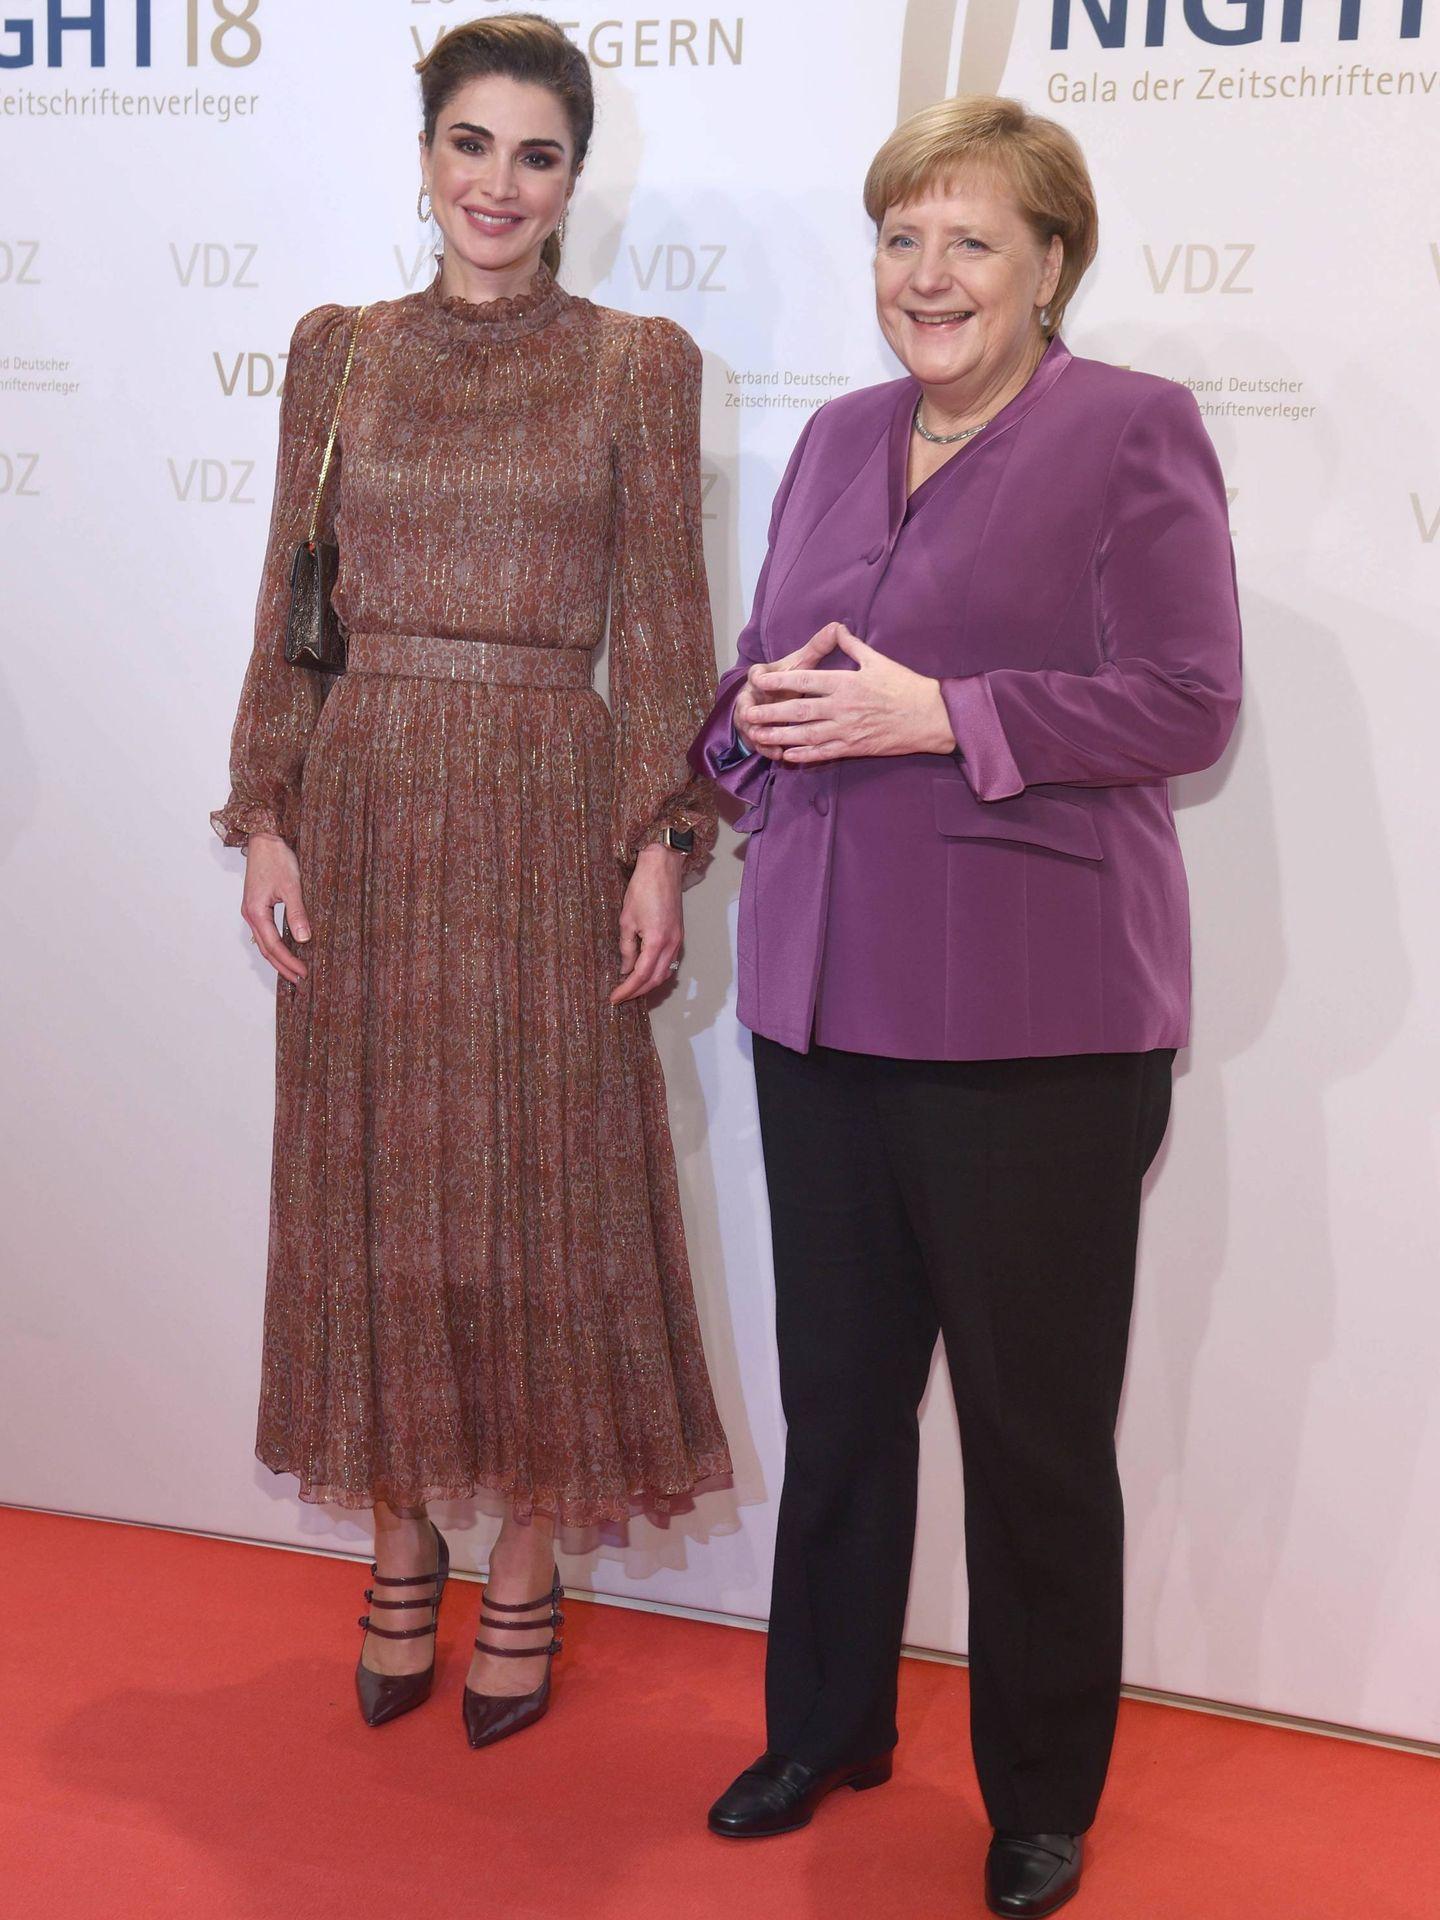 Angela Merkel y Rania de Jordania.  (Cordon Press)